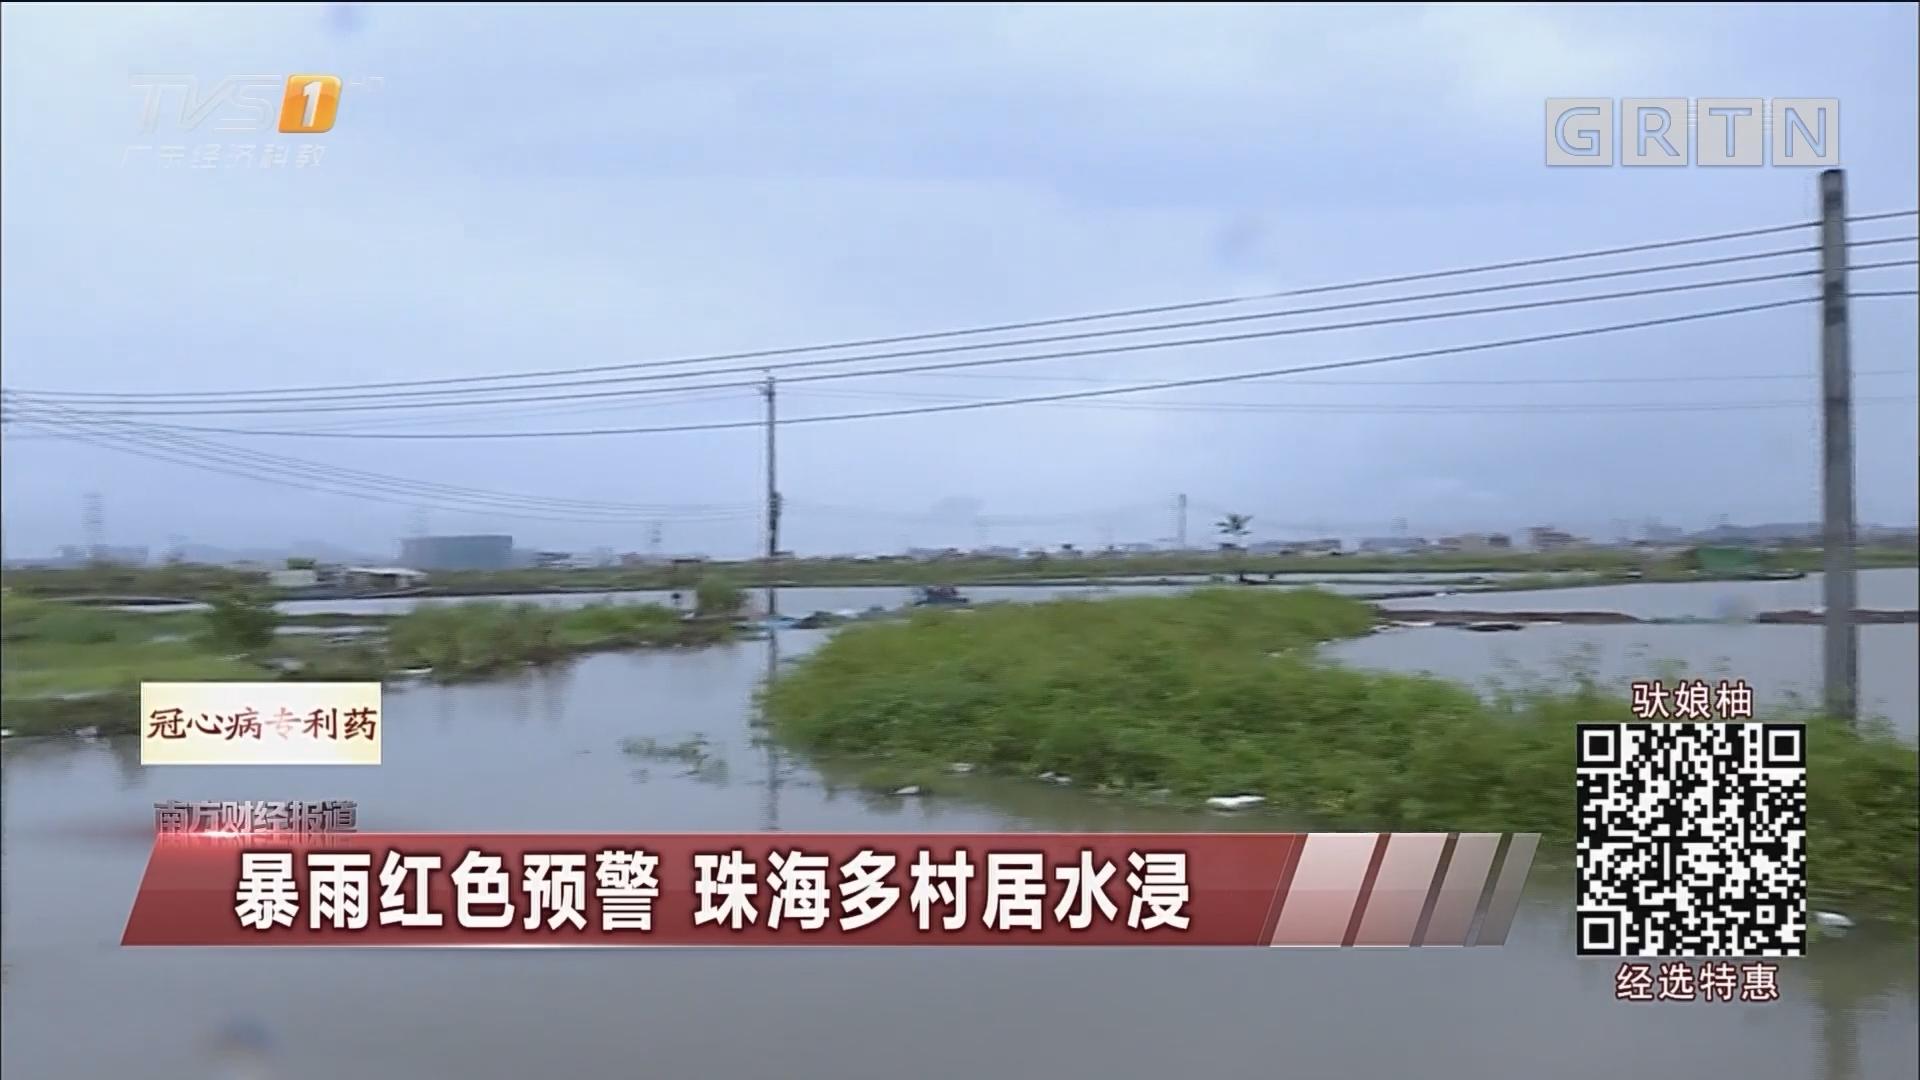 暴雨红色预警 珠海多村居水浸